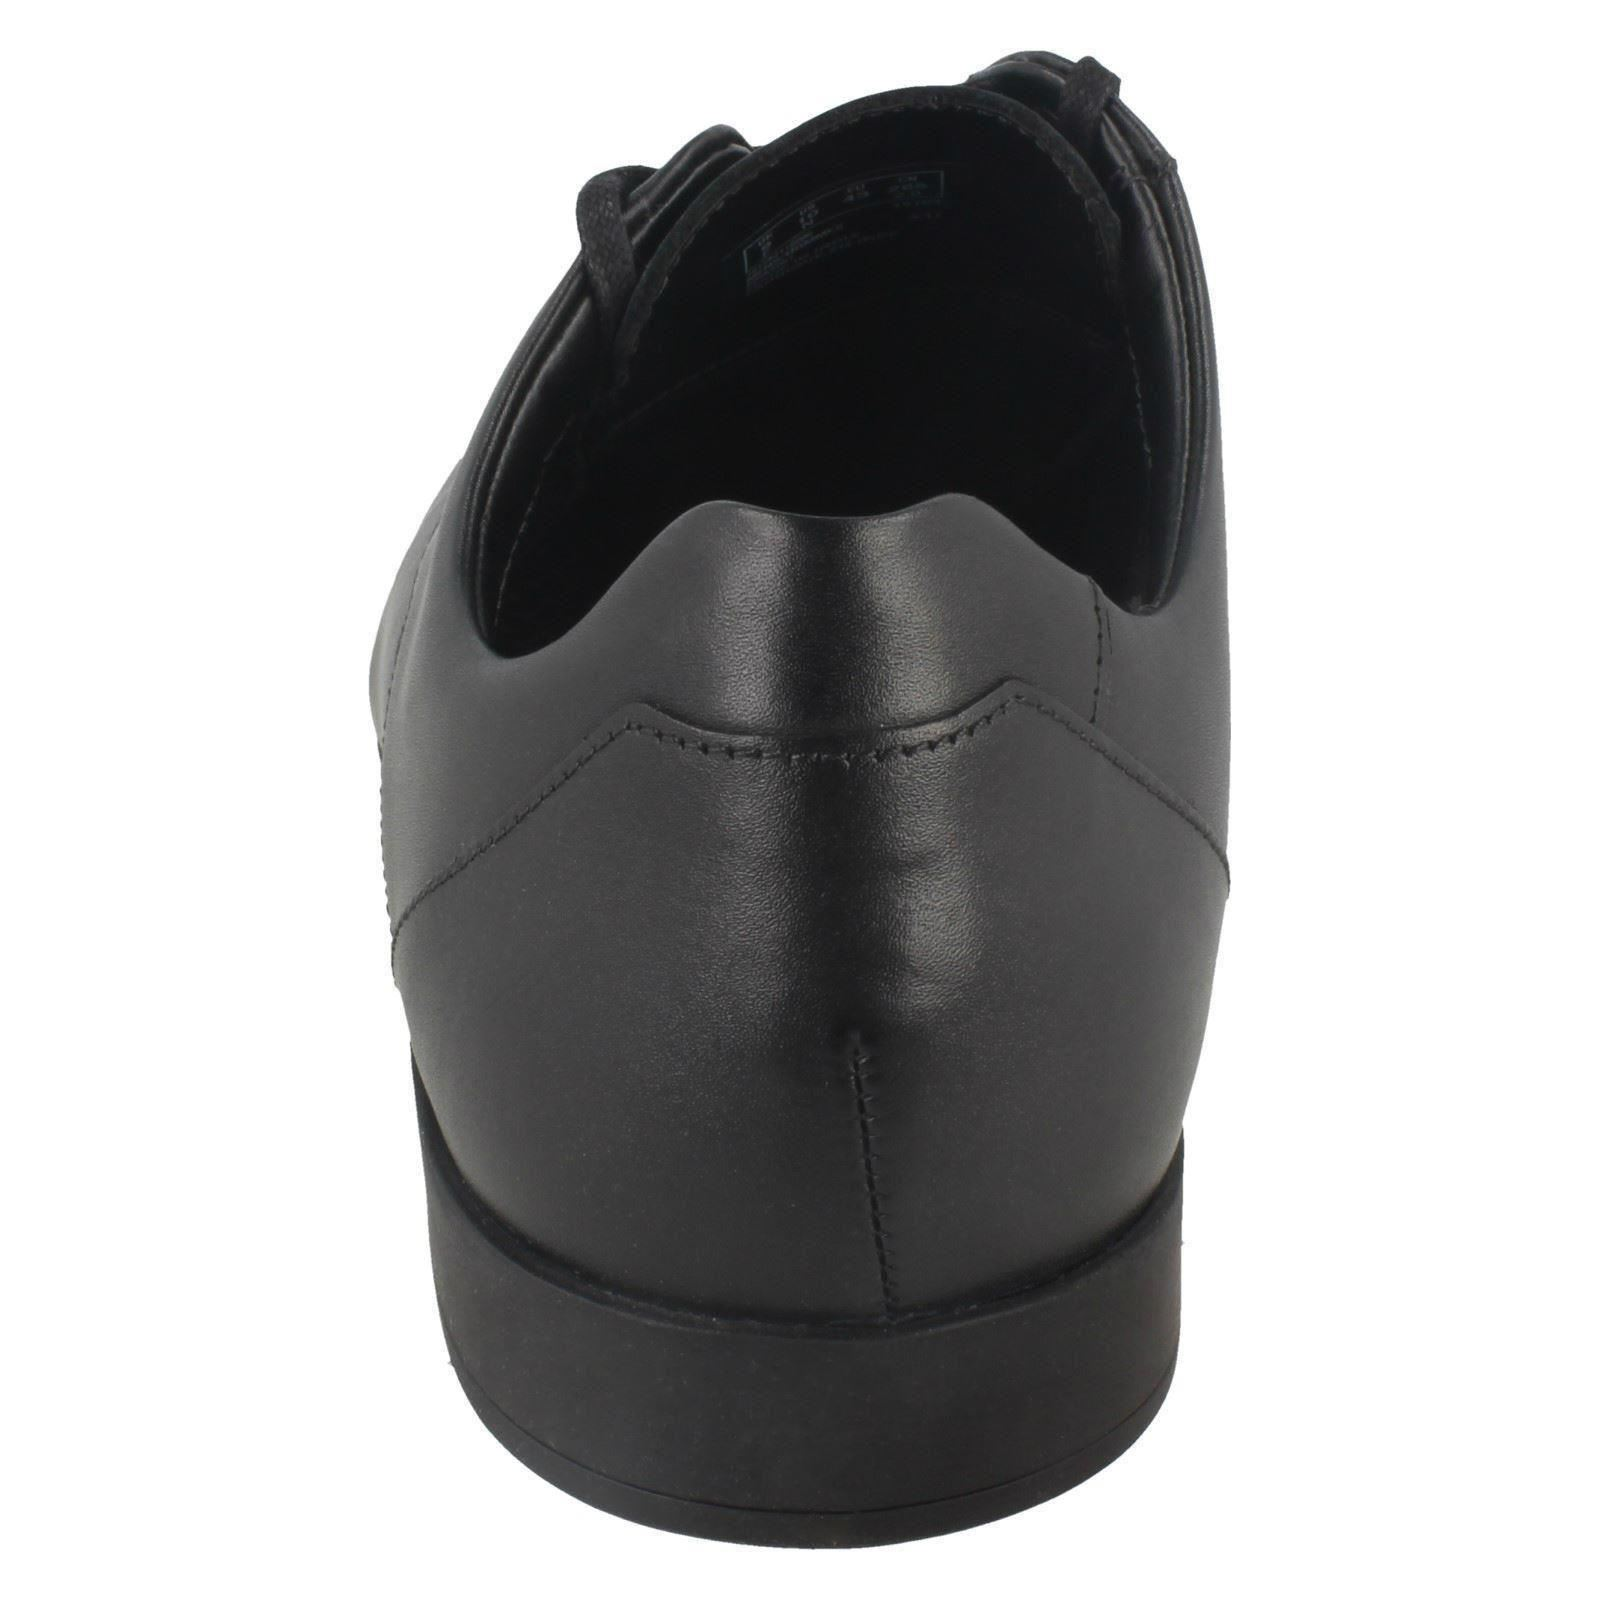 Herren Clarks Förmliche Schuhe Schuhe Förmliche 'Glement Spitze' 69e1b0